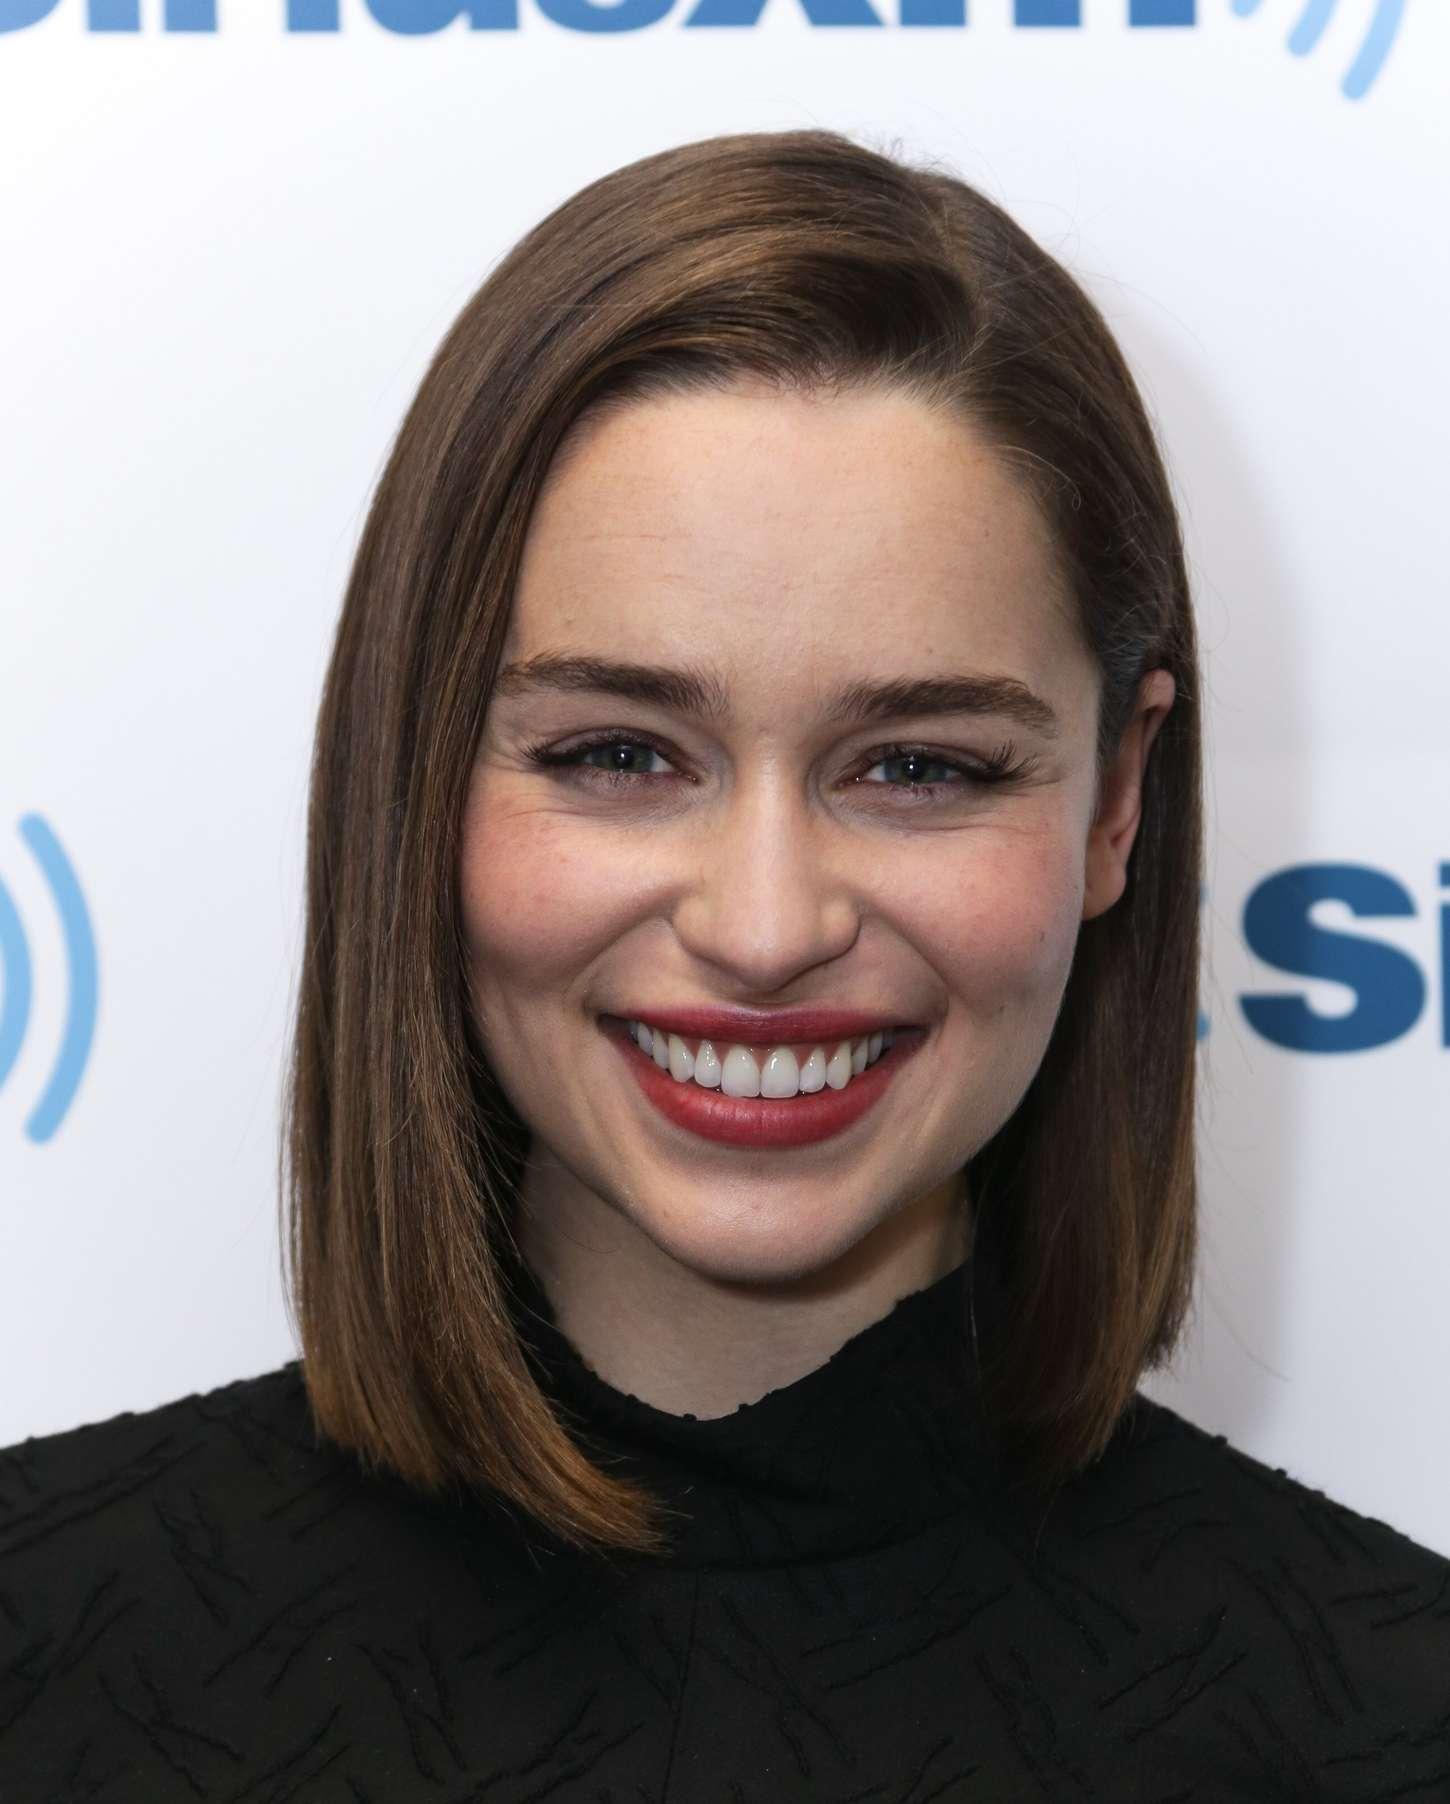 Emilia Clarke 2015 : Emilia Clarke: Arrives at SiriusXM Studios -06